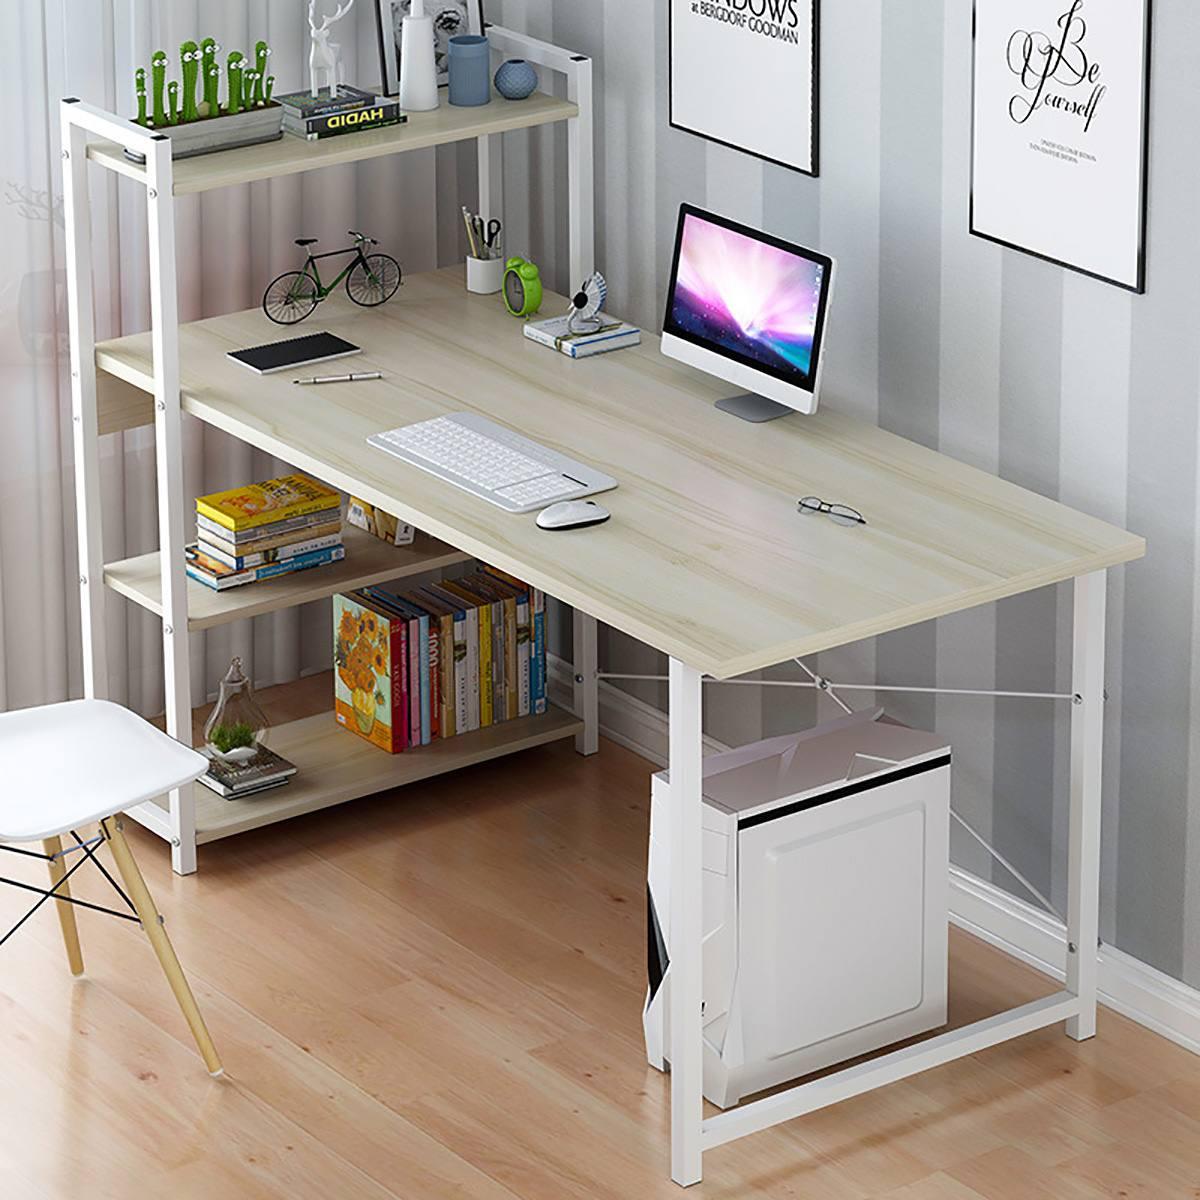 Mrosaa atualizado computador portátil de mesa 47